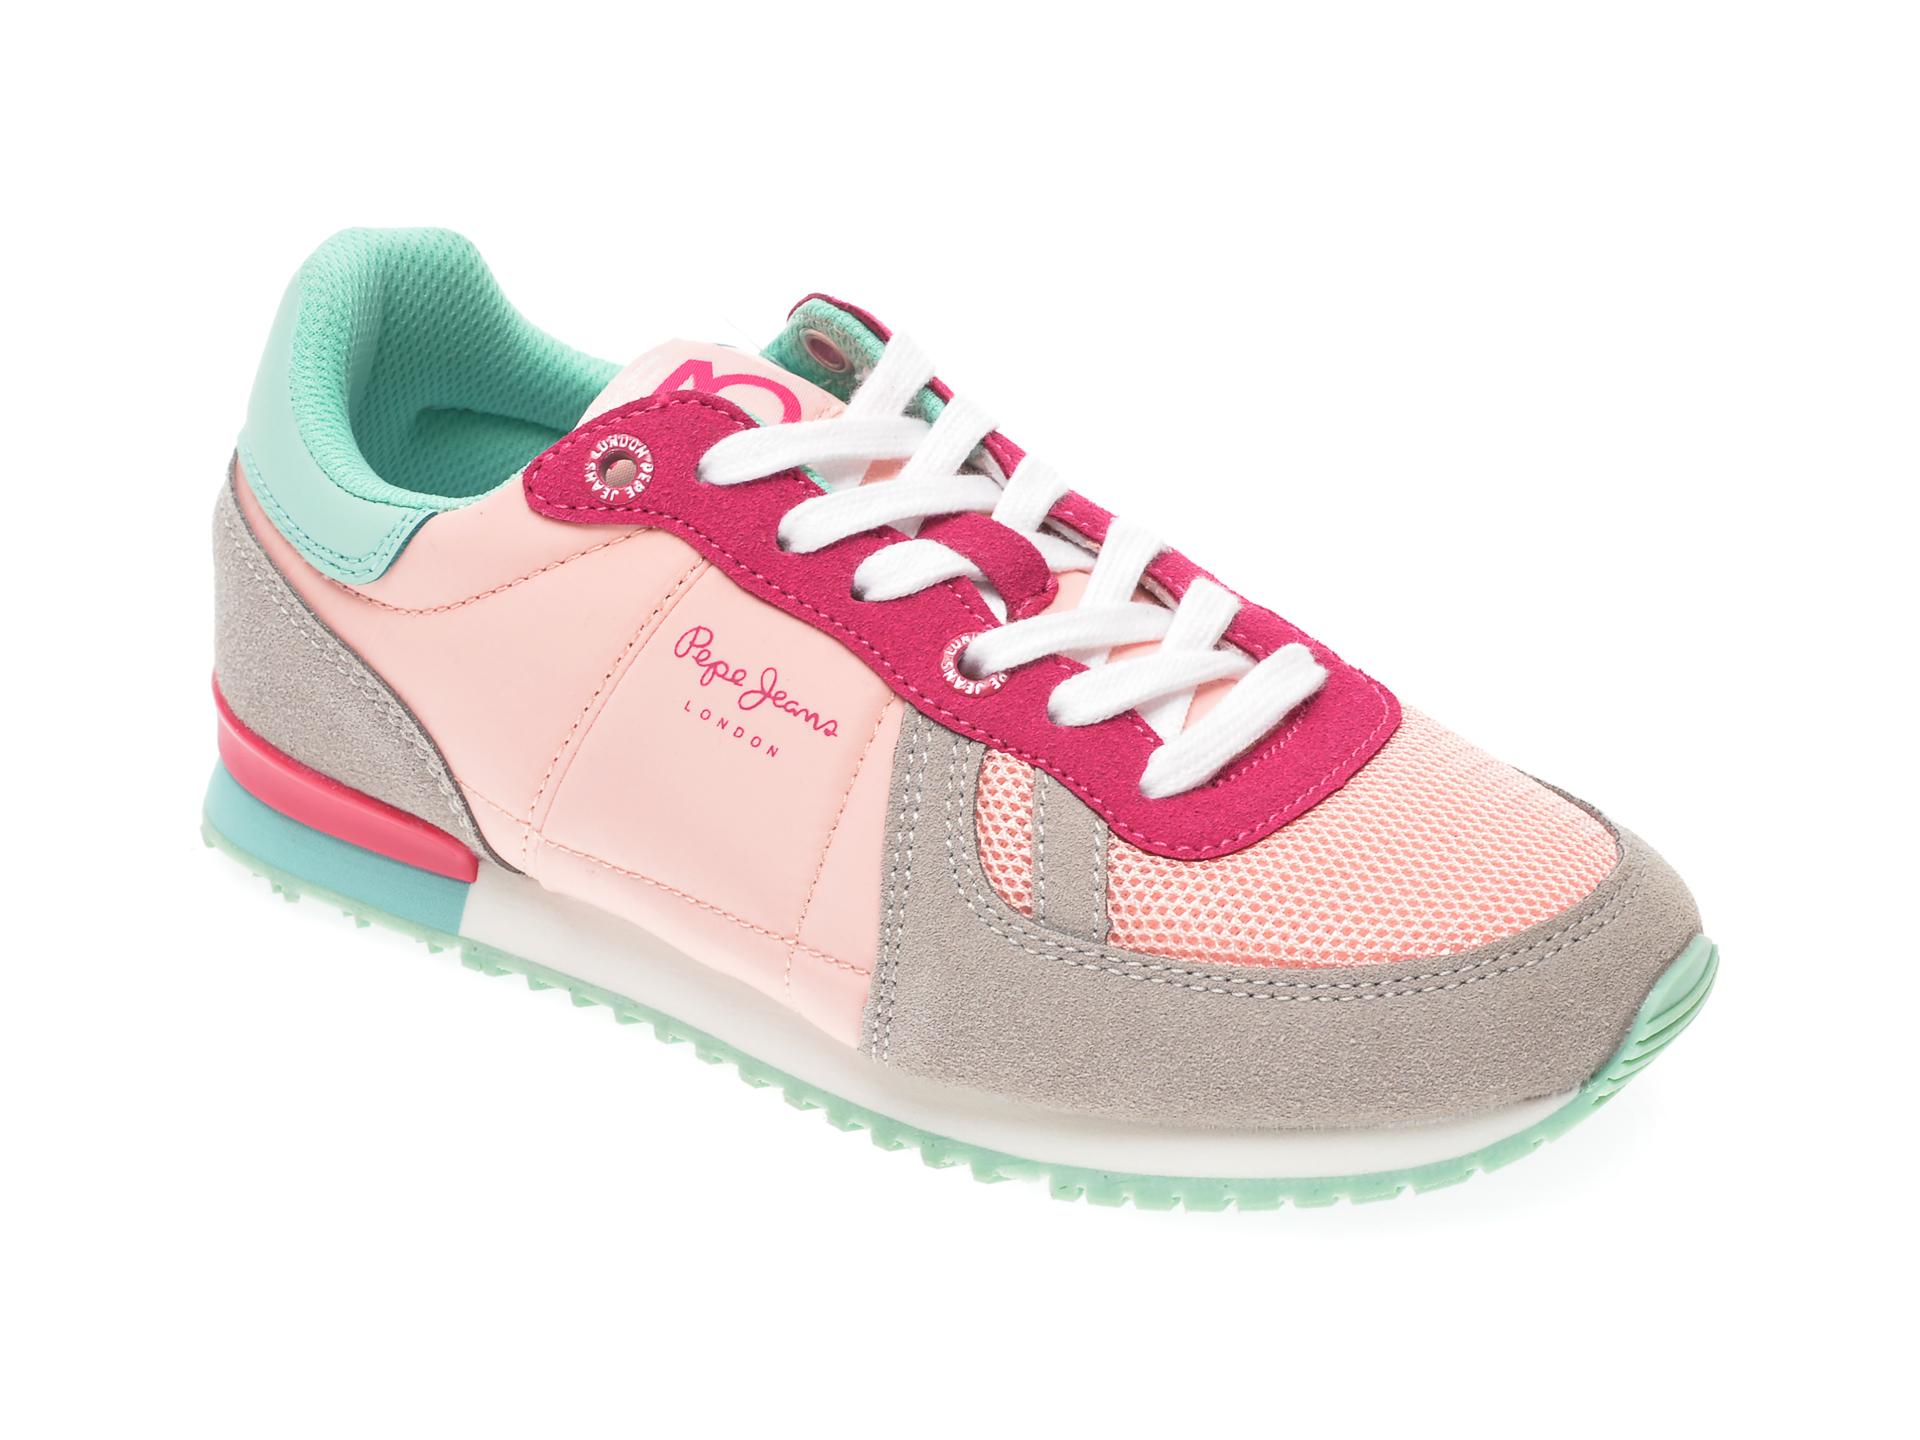 Pantofi Sport Pepe Jeans Multicolori, Gs30432, Din Material Textil Si Piele Ecologica